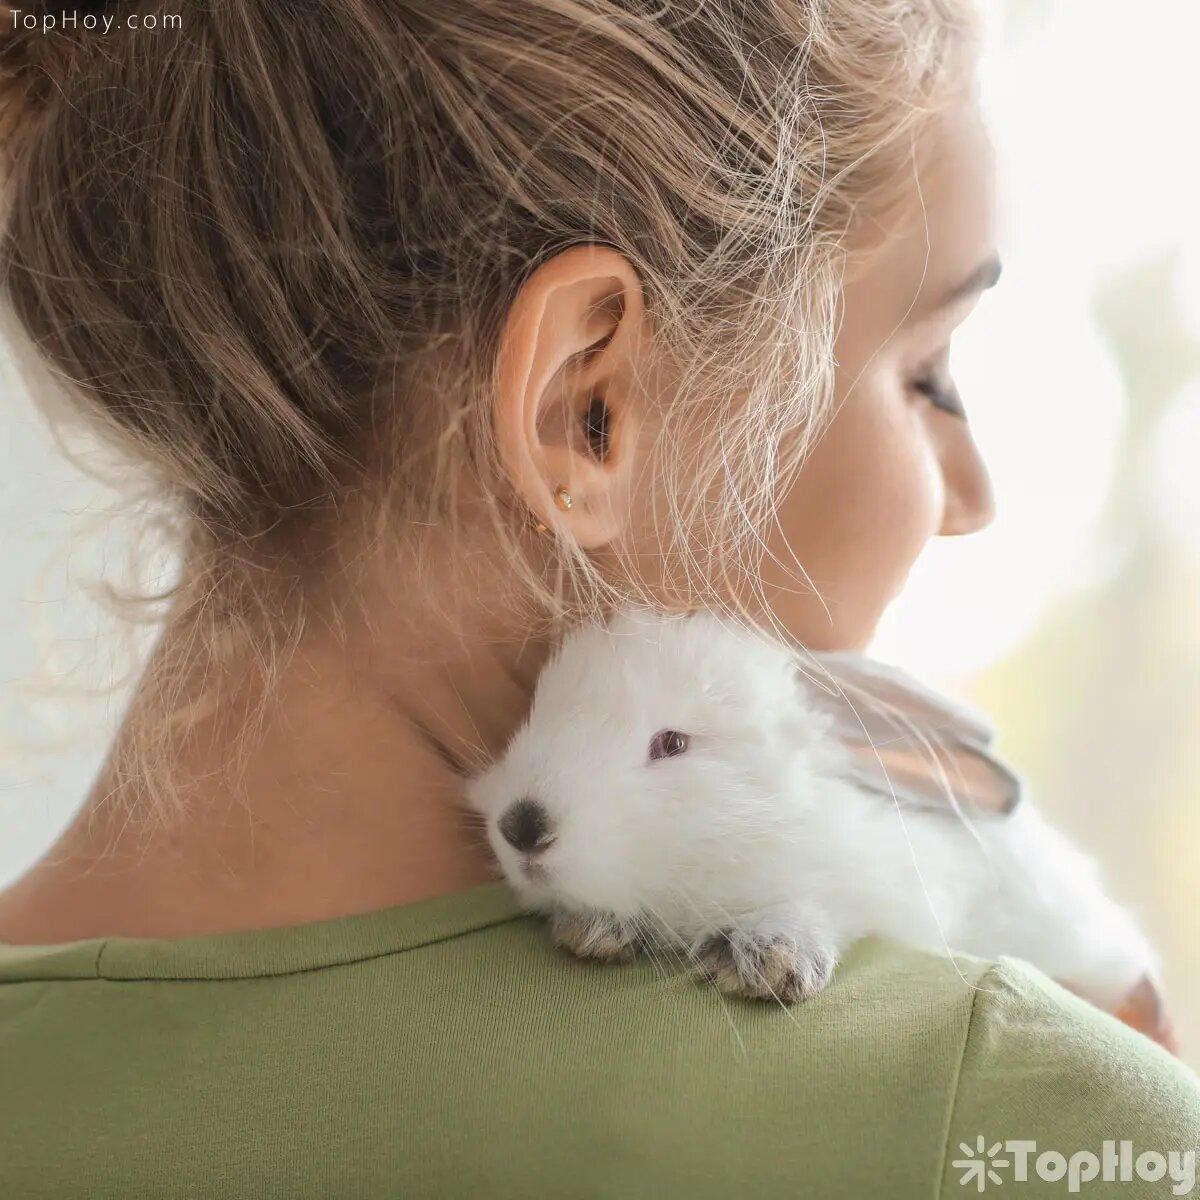 Los conejos requieren muchos juegues y compañía a su alrededor para no aburrirse.